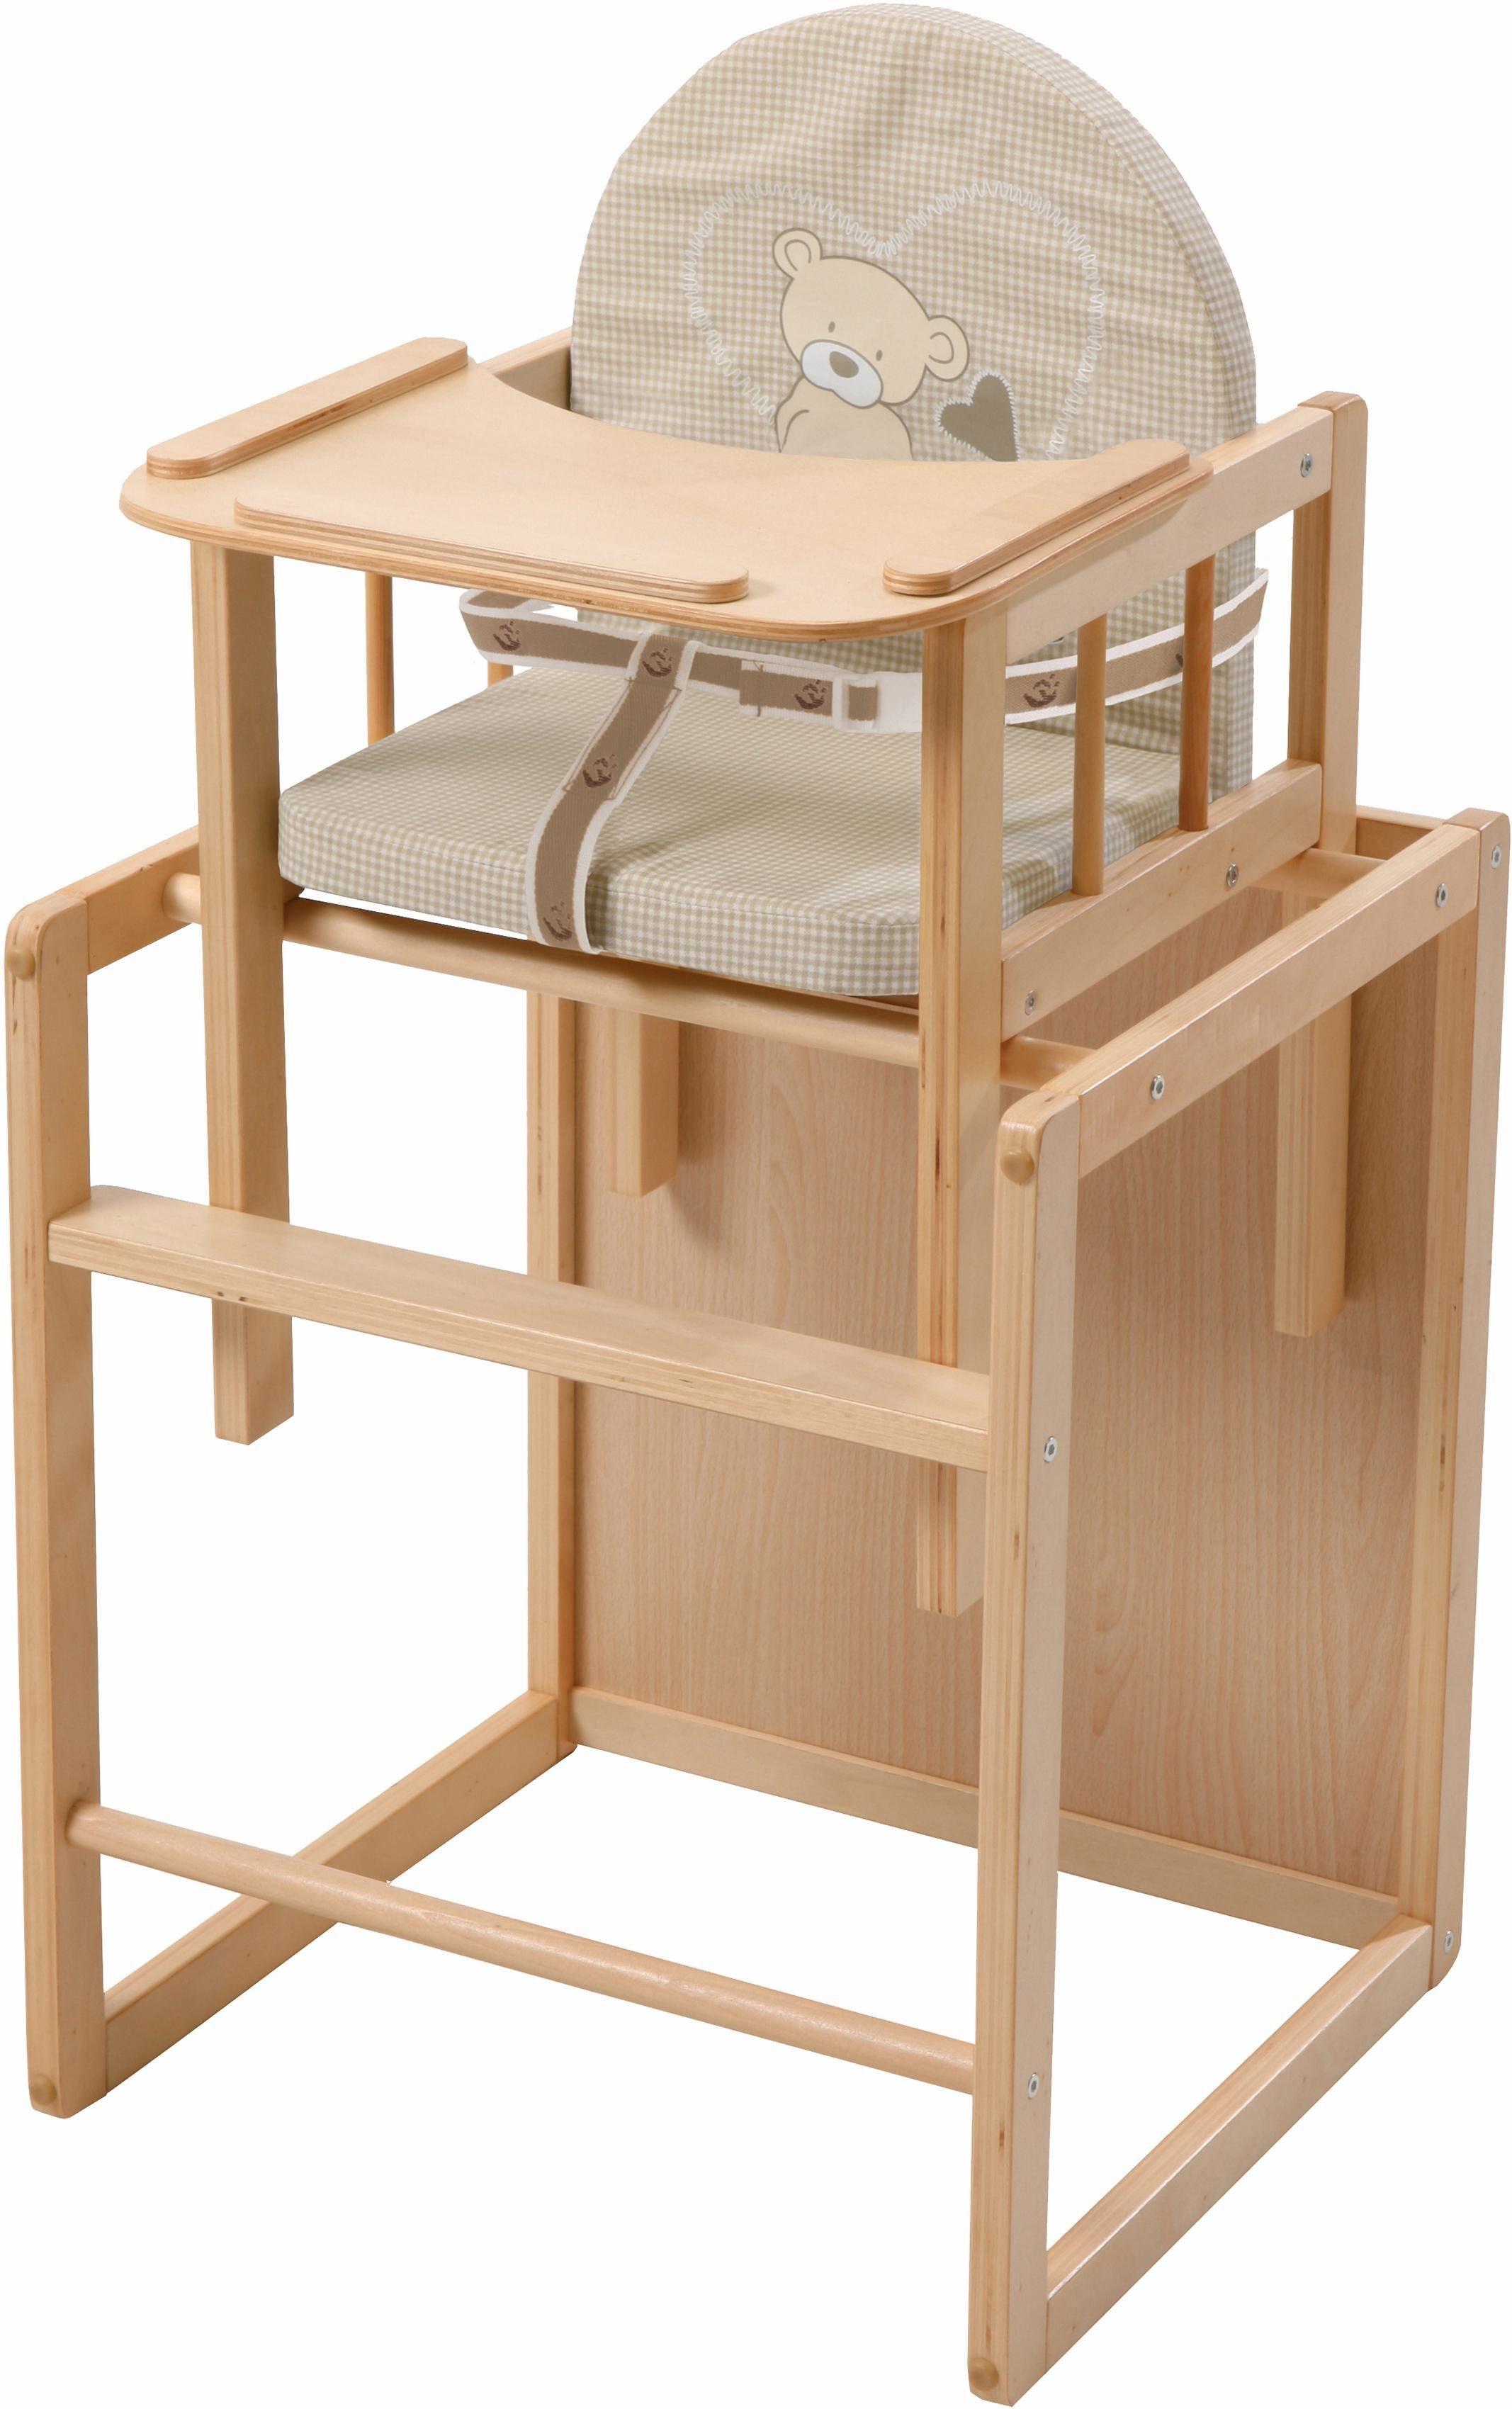 Kinderstoel Aan Eettafel : Roba combi kinderstoel liebhabär« snel online gekocht otto